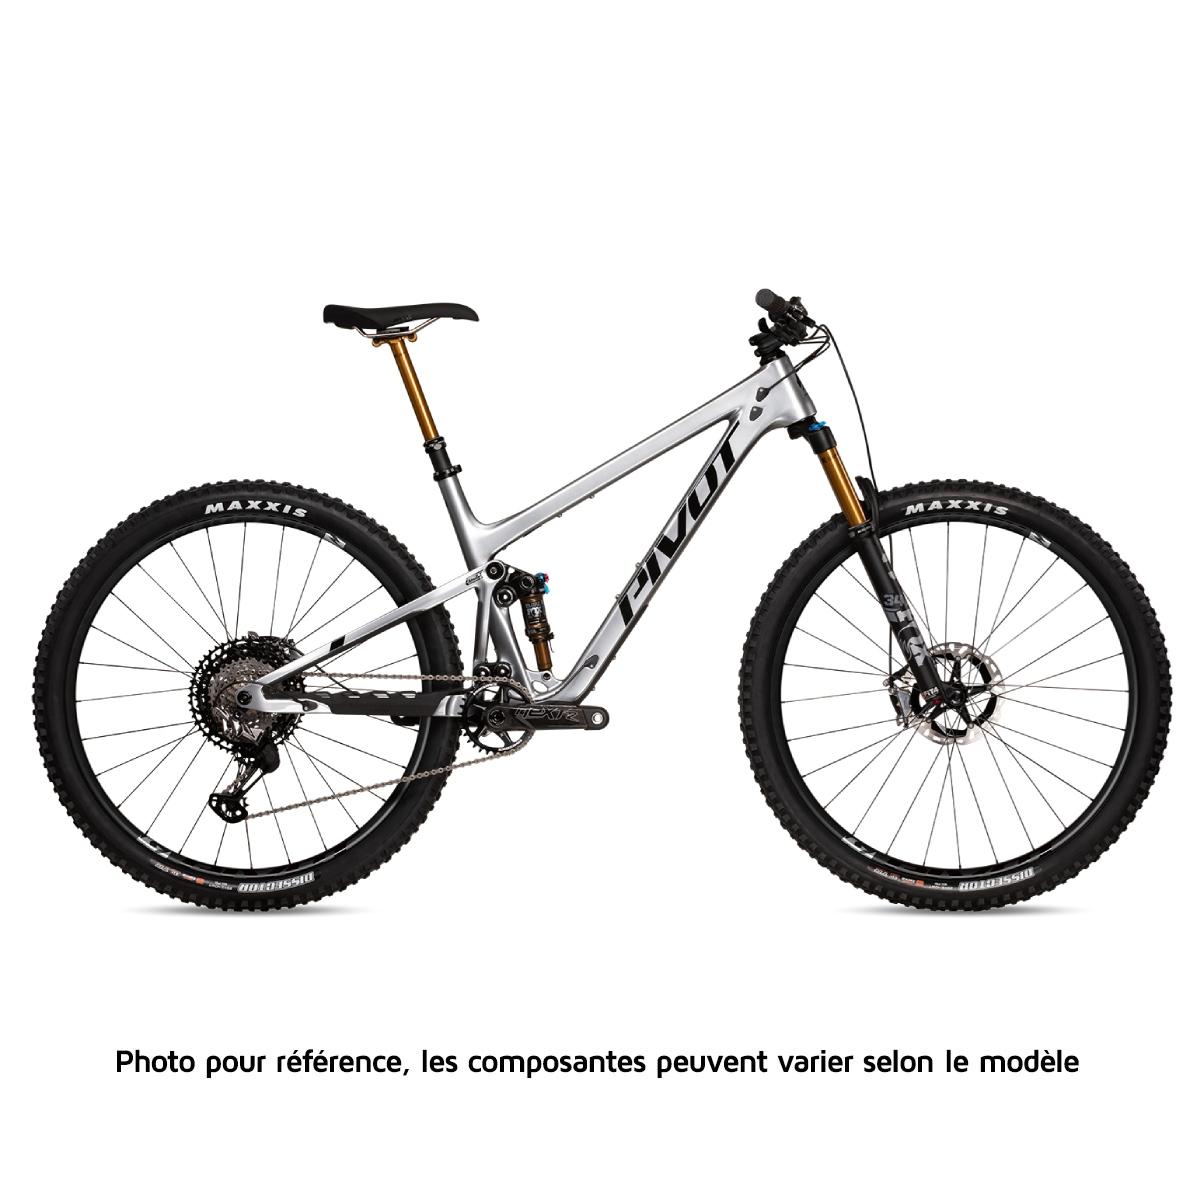 pivot-trail-429-29-pouces-race-xt-ls-6033